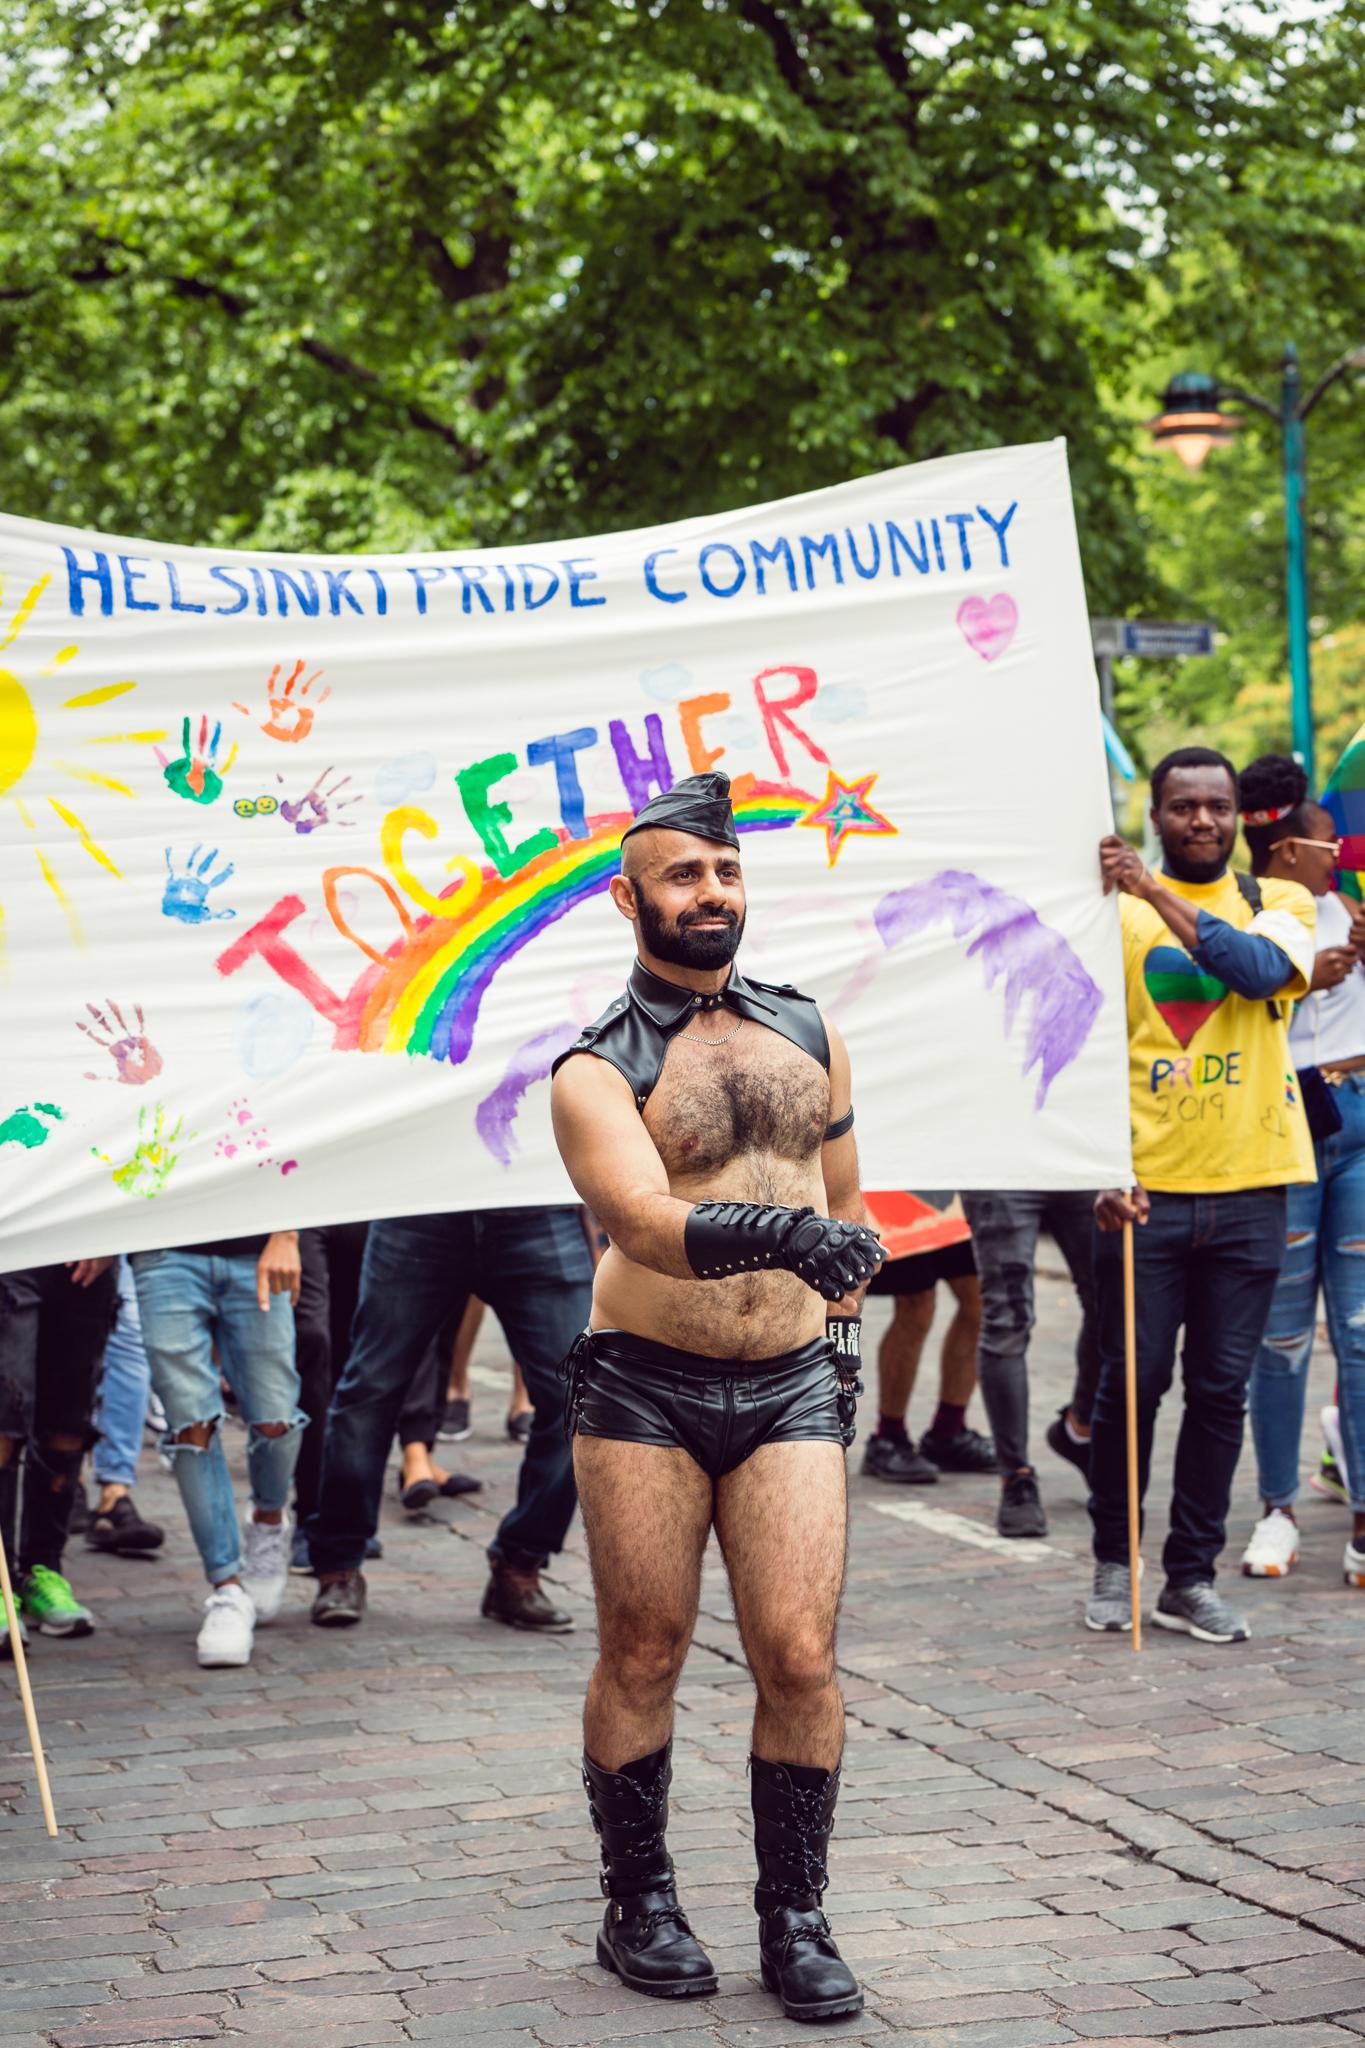 Helsinki Pride 2019-11.jpg